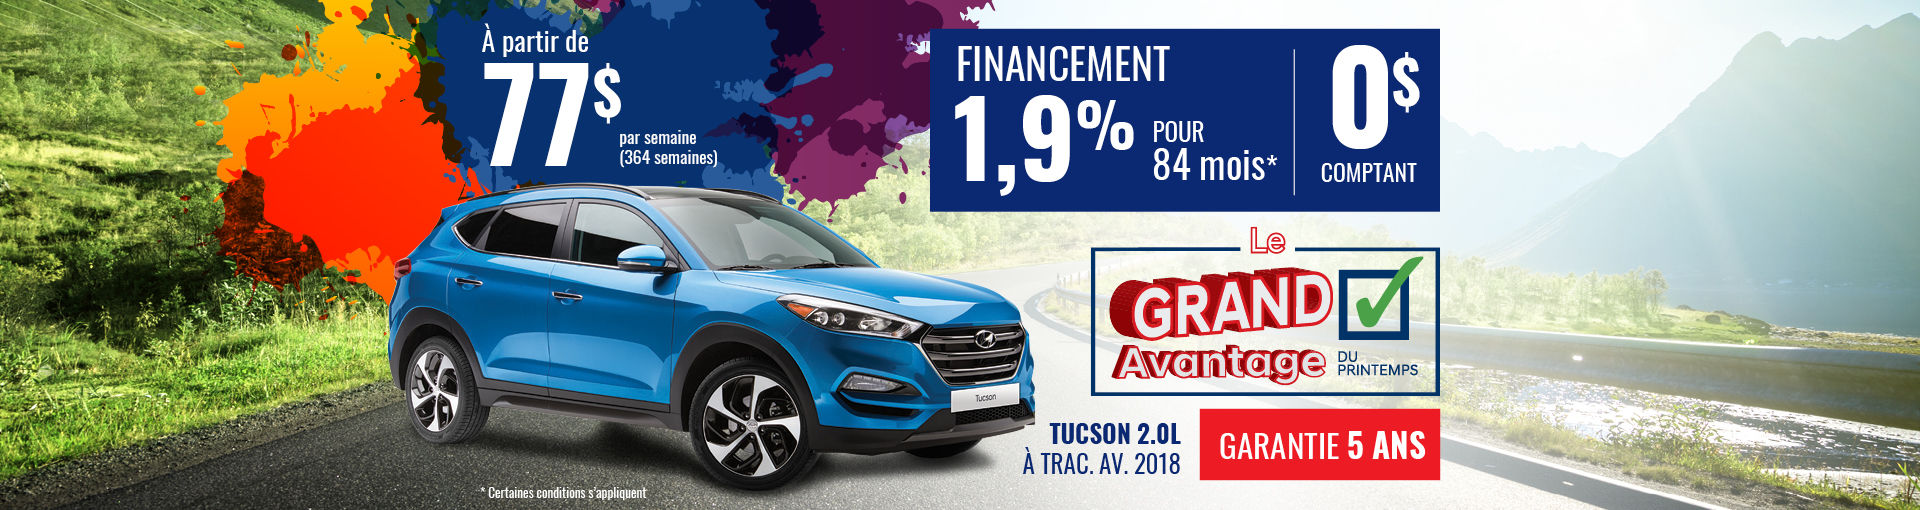 Promo Hyundai Casavant avril 2018-Tucson 2018